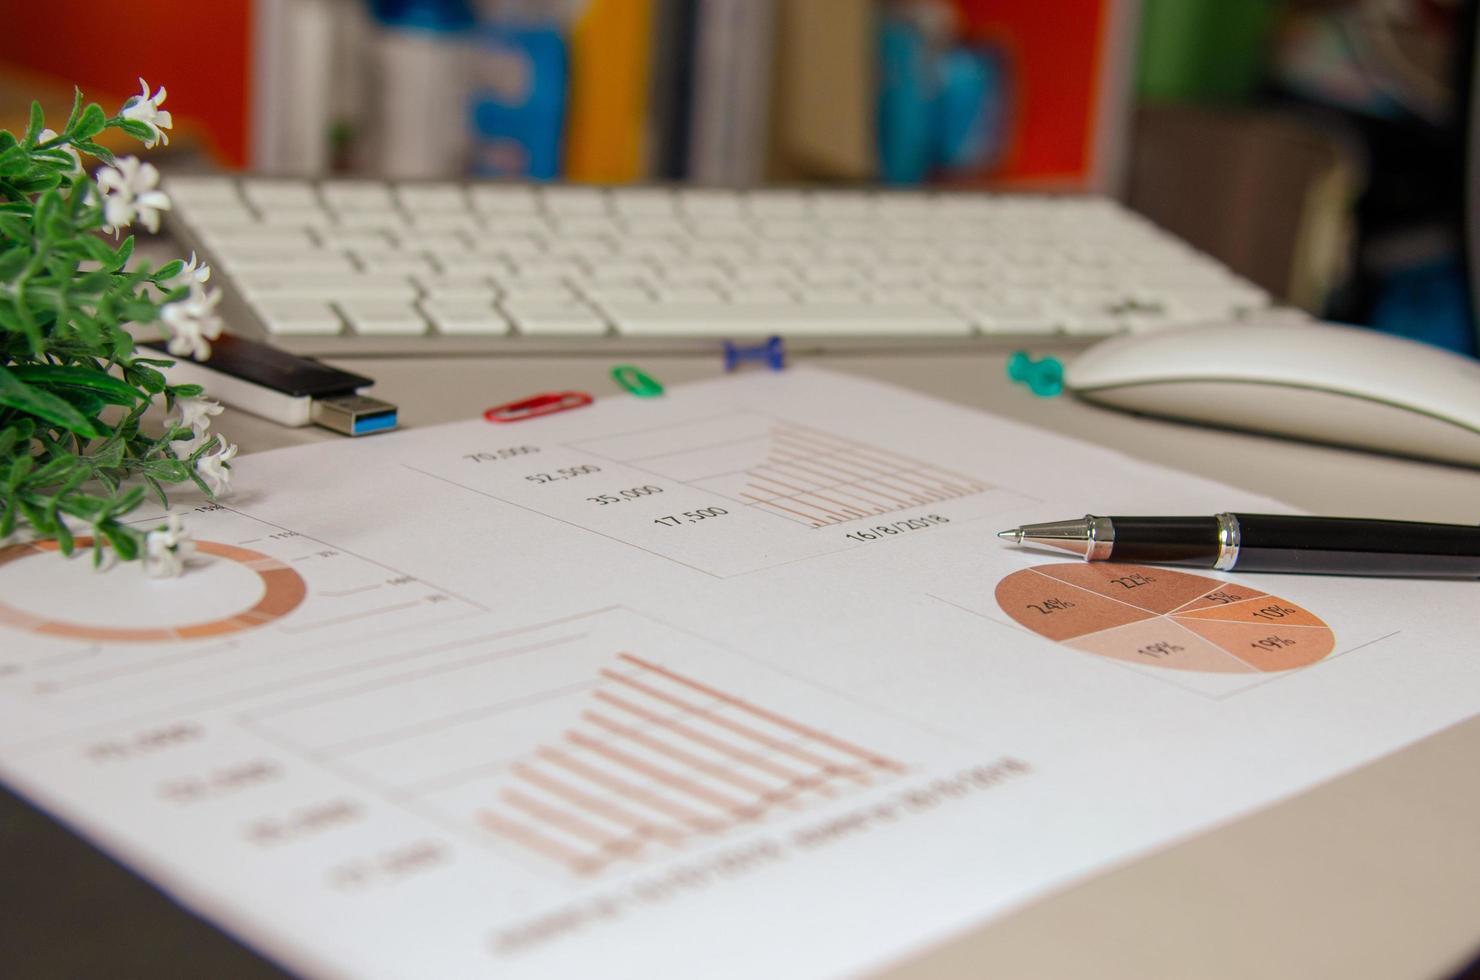 graphique d'entreprise sur le bureau photo